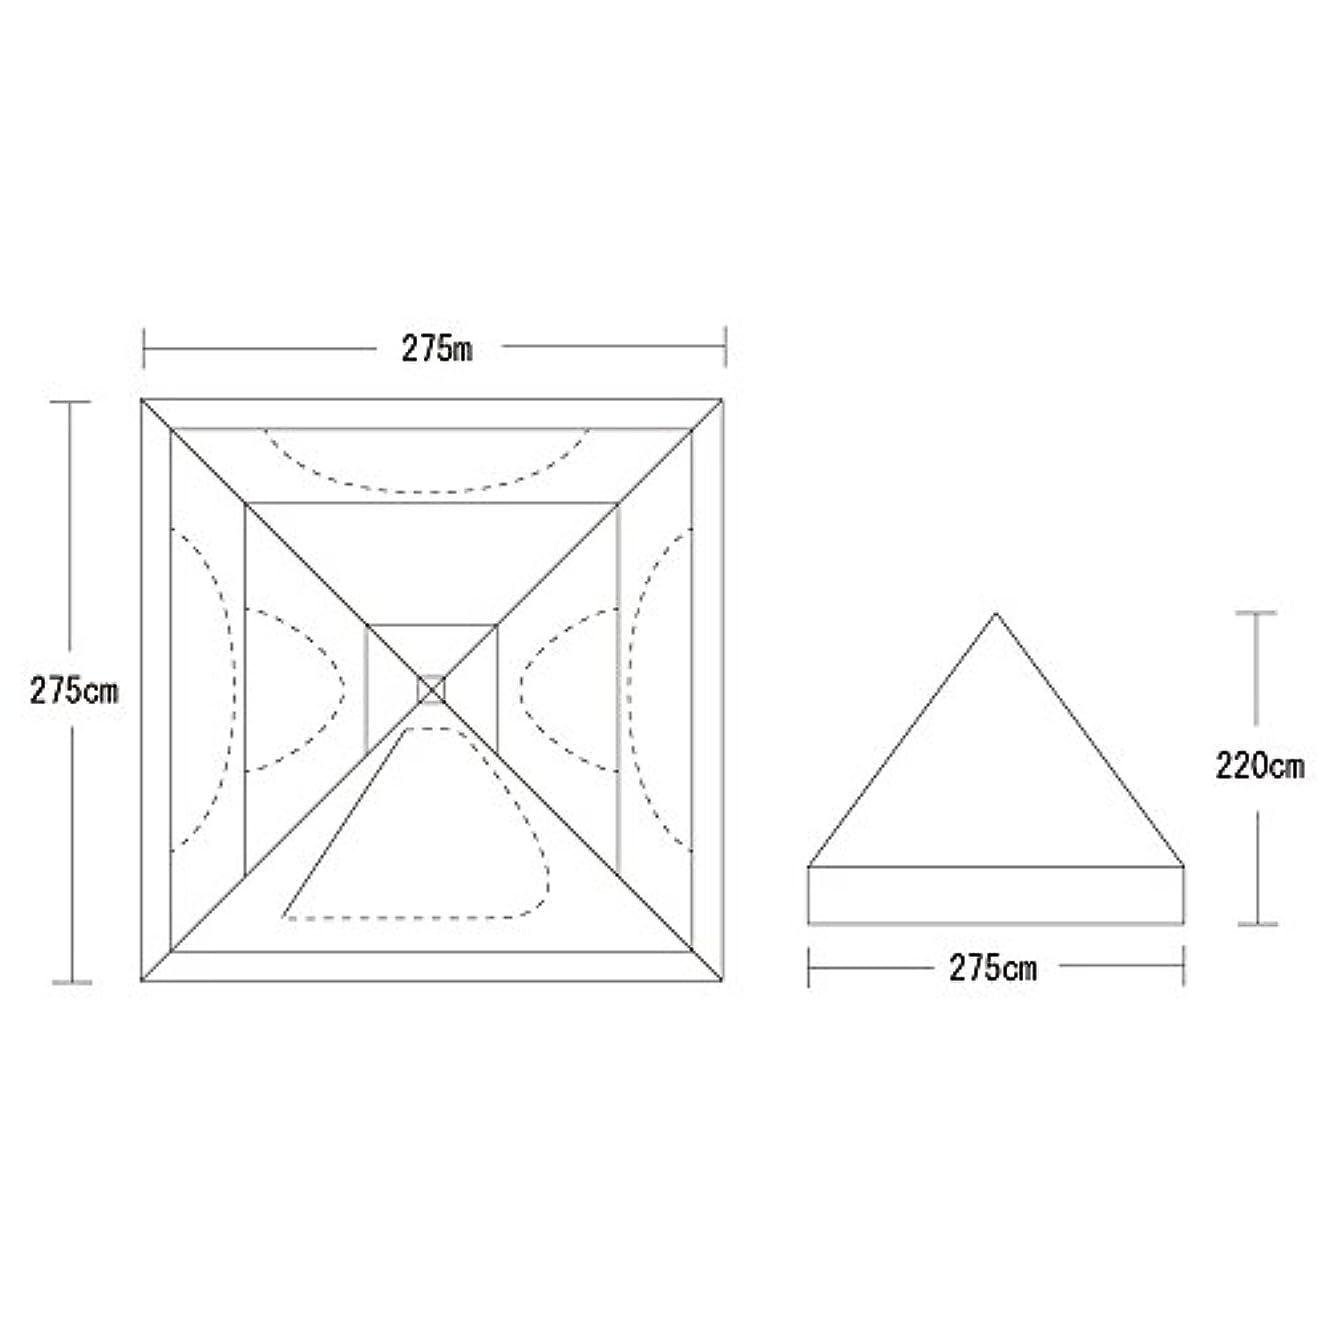 魅力アルミニウム大理石テンマクデザイン サーカス 300 用 フルインナーテント